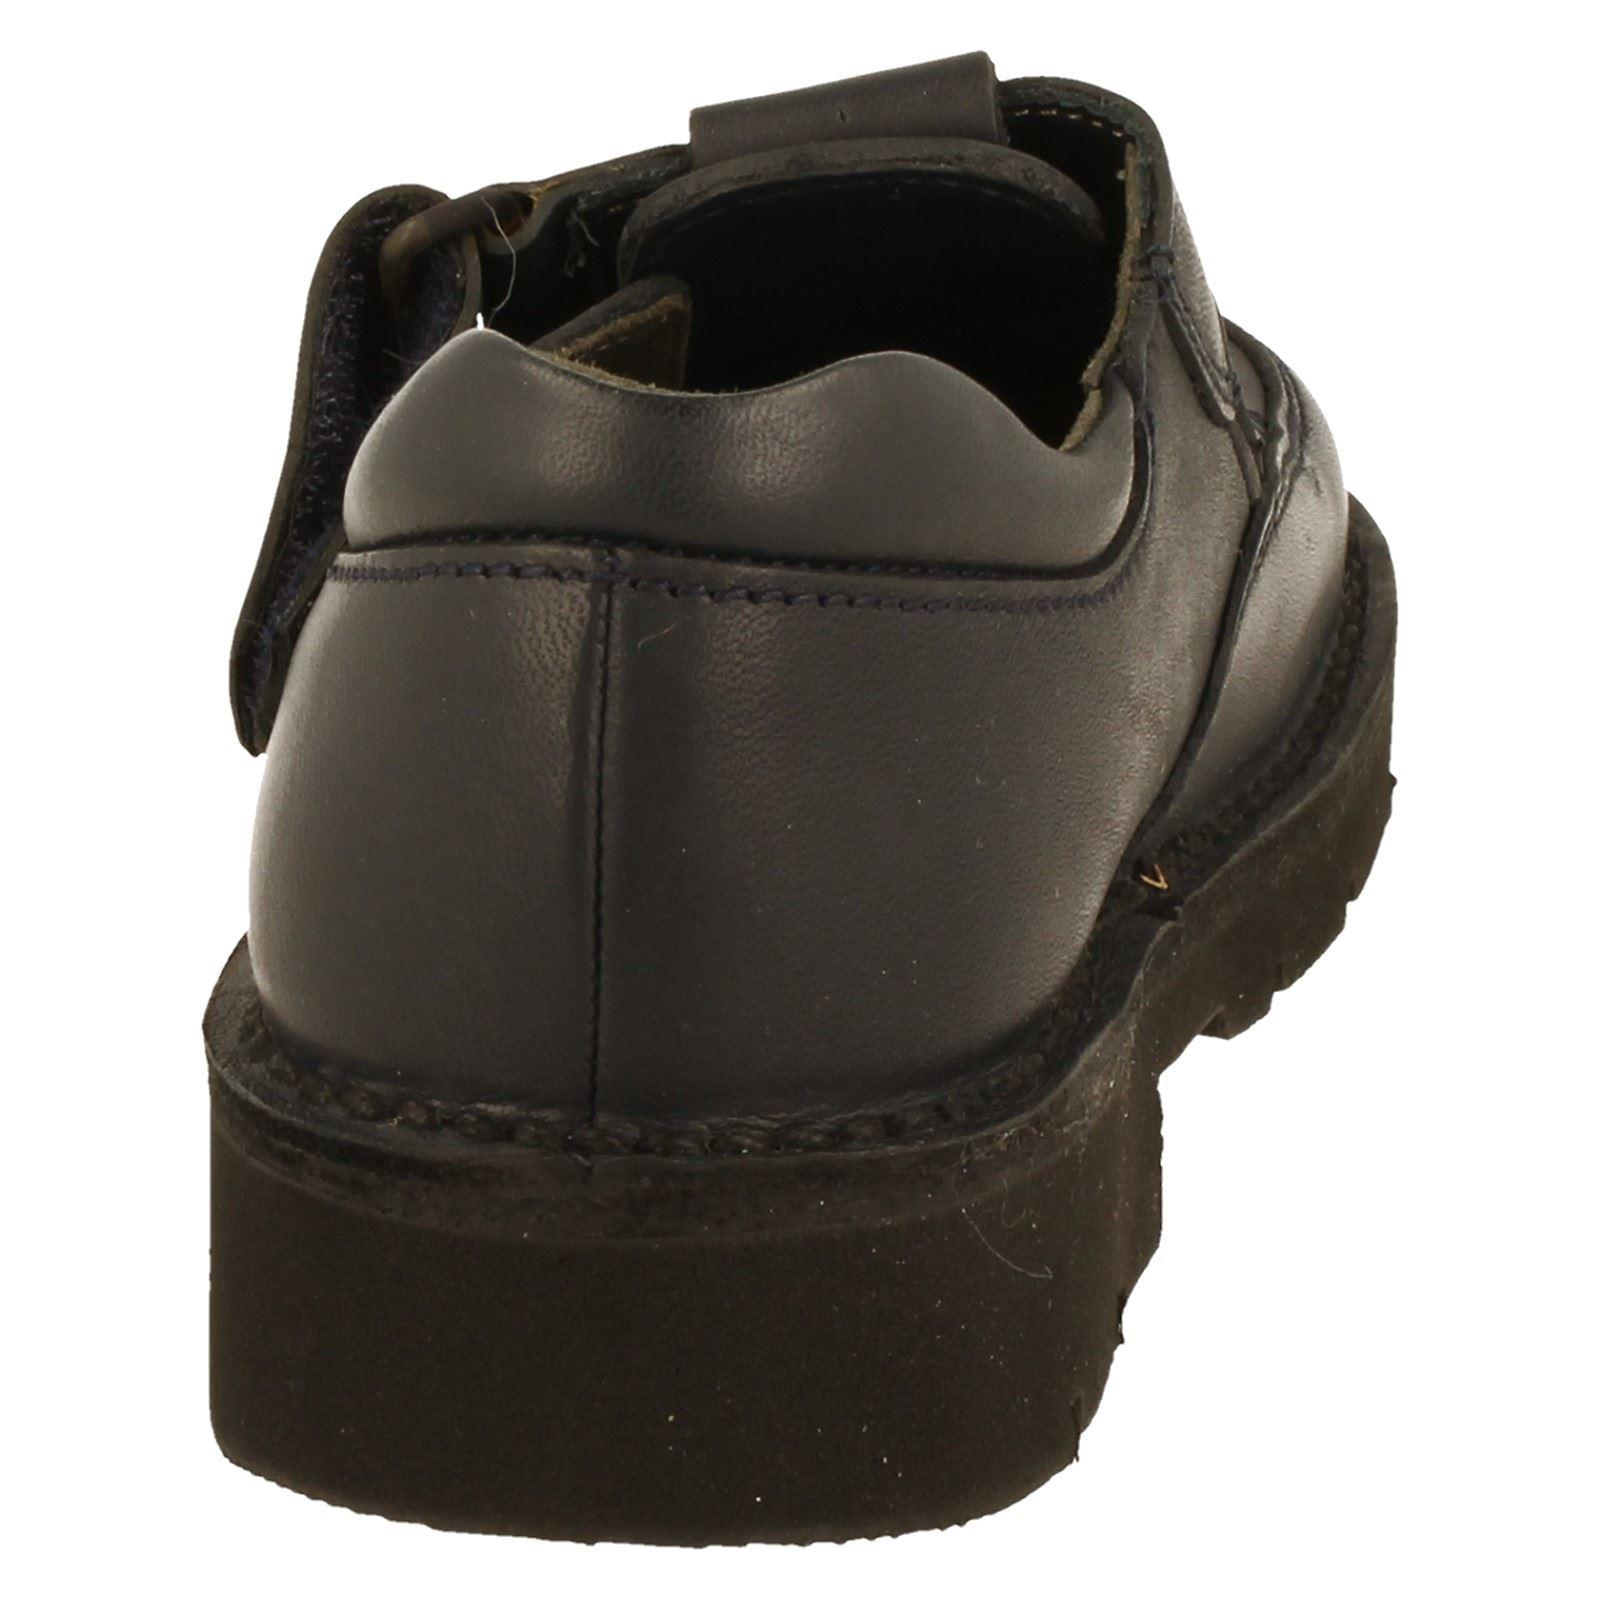 Chicas START Rite Informal Zapatos Etiqueta Venture-W